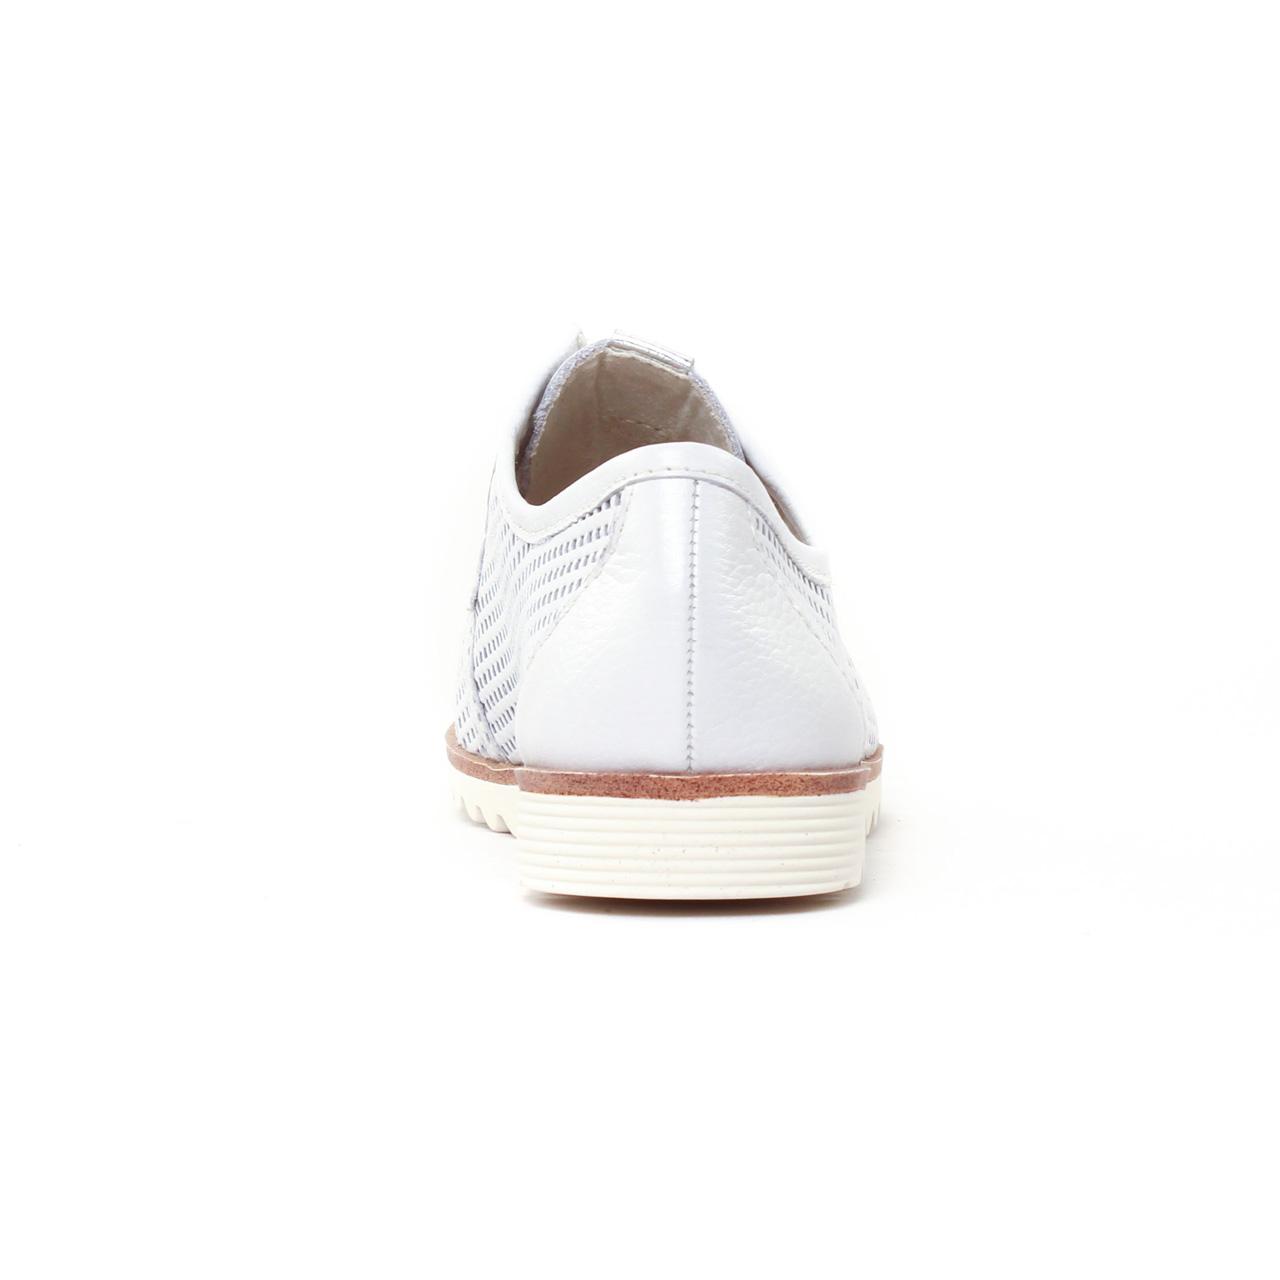 Tamaris 23603 White | derbys blanc printemps été chez TROIS